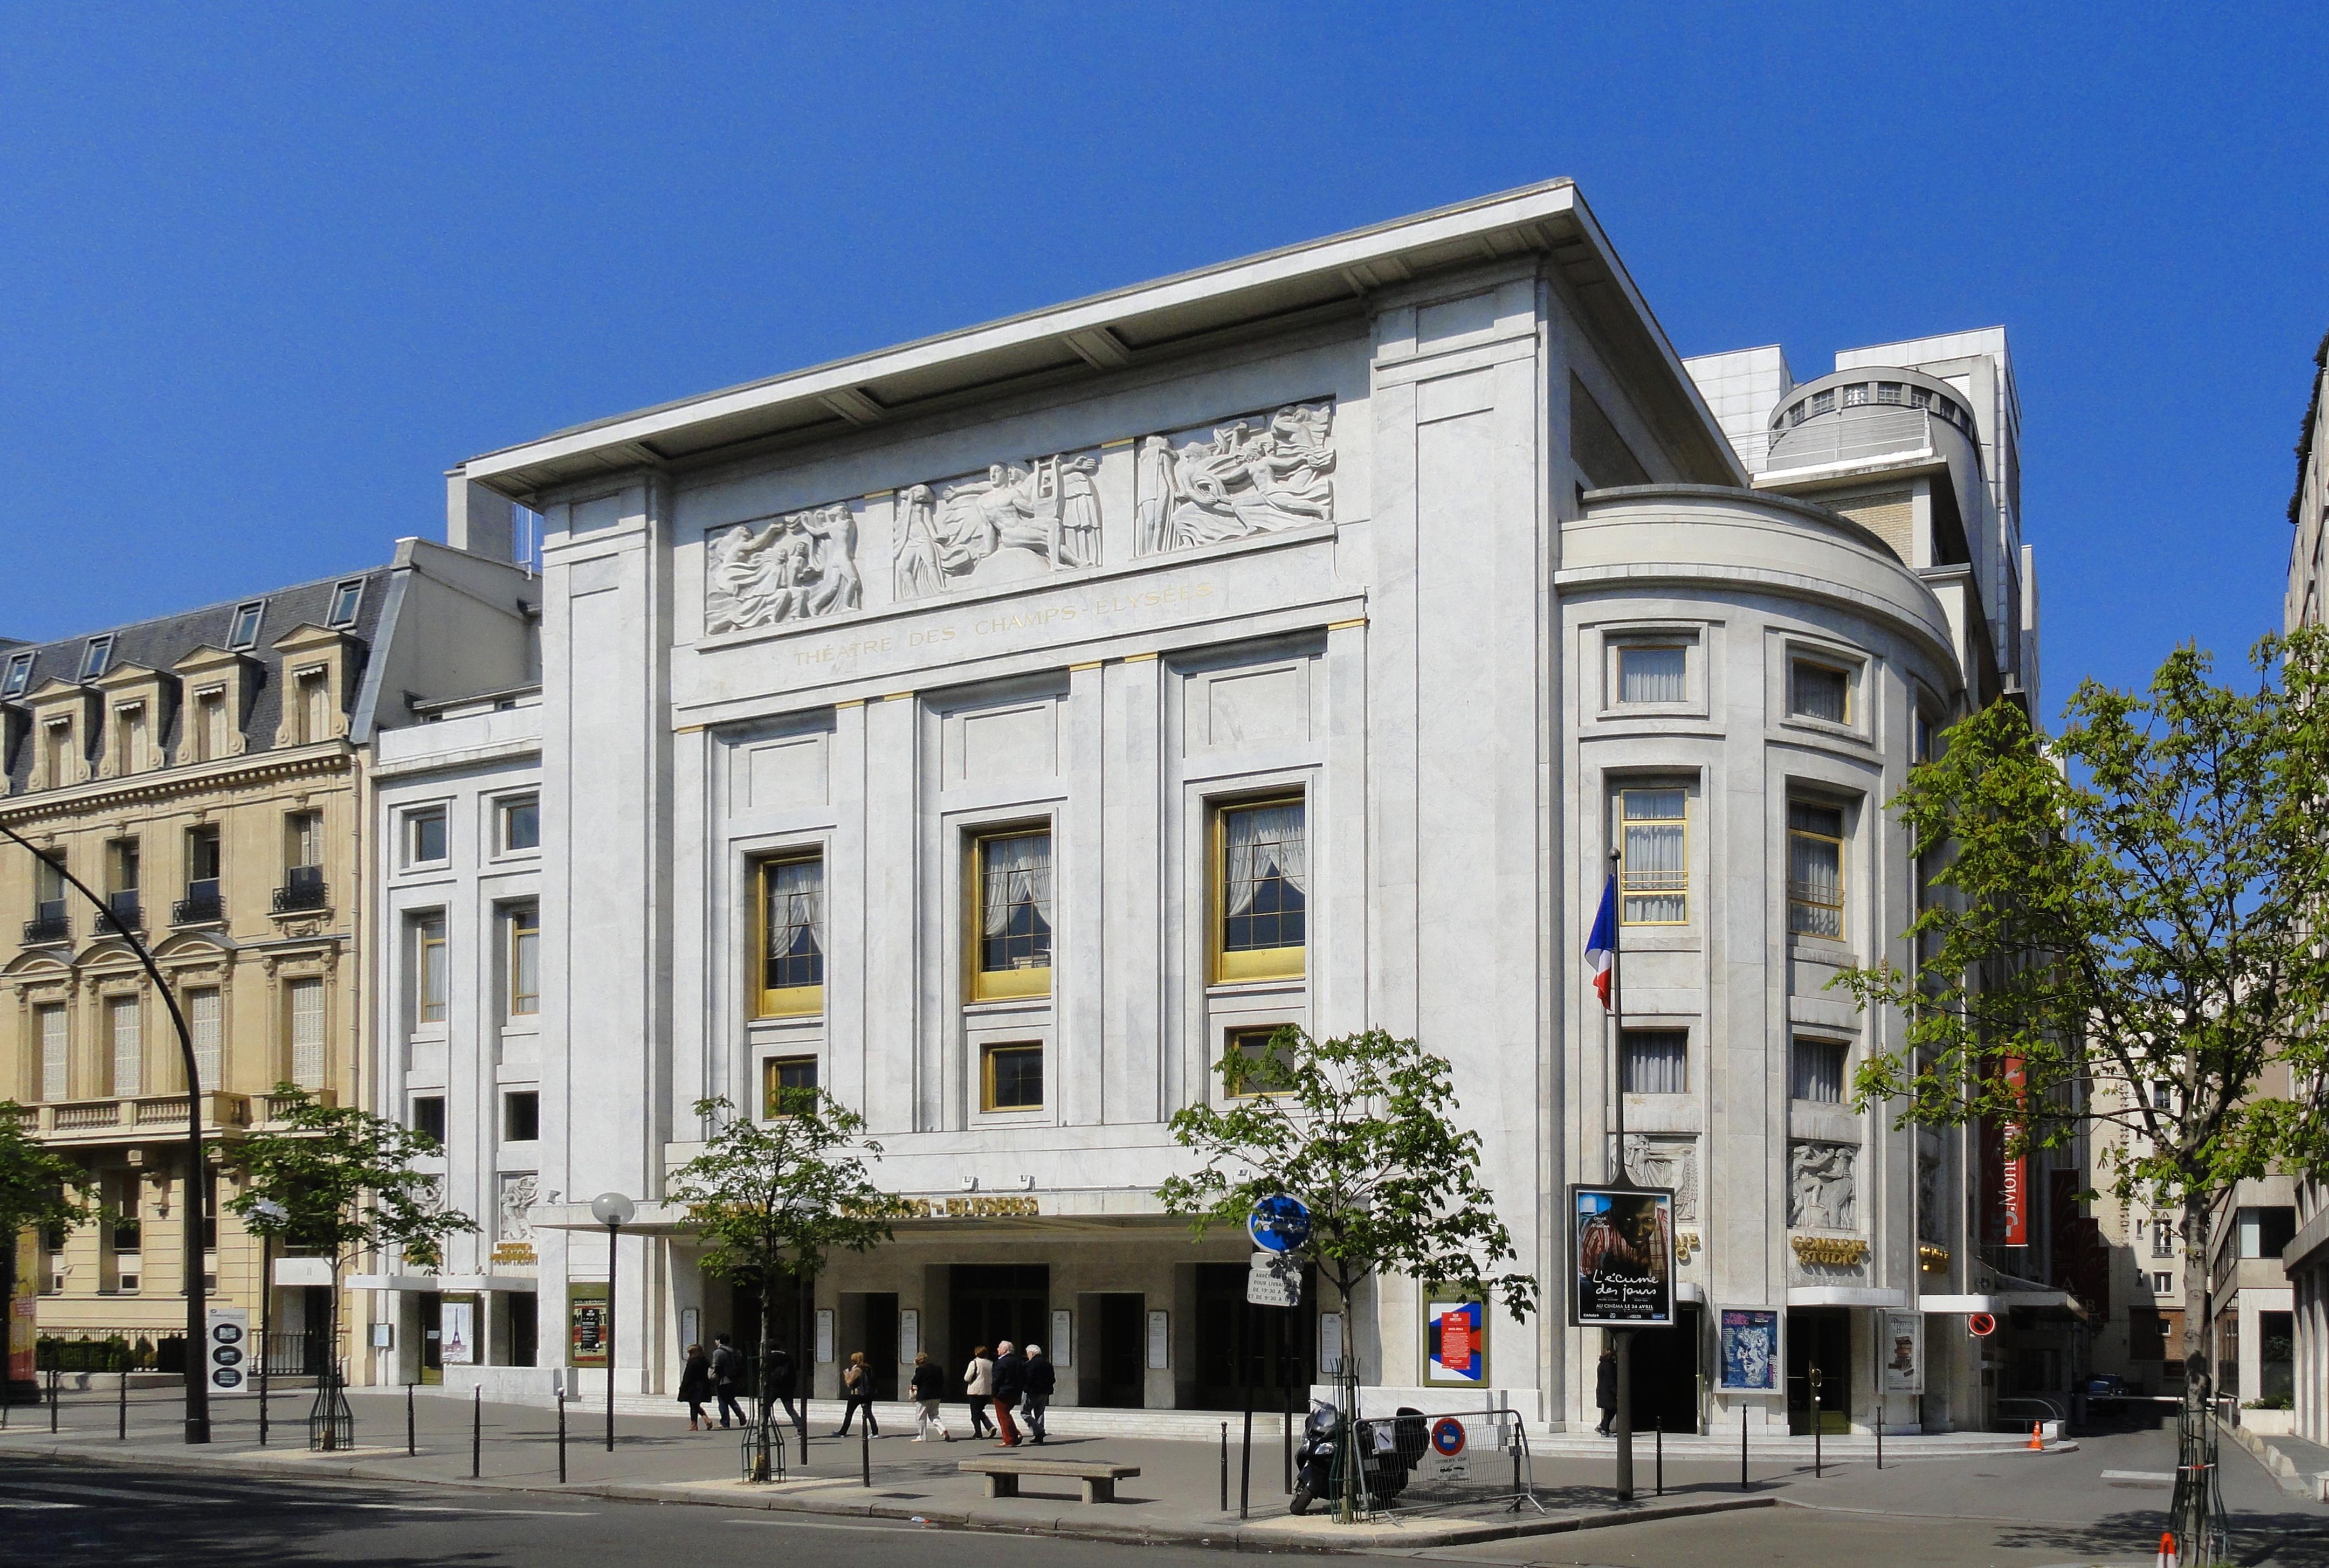 Théâtre des Champs-Élysées - Wikipedia